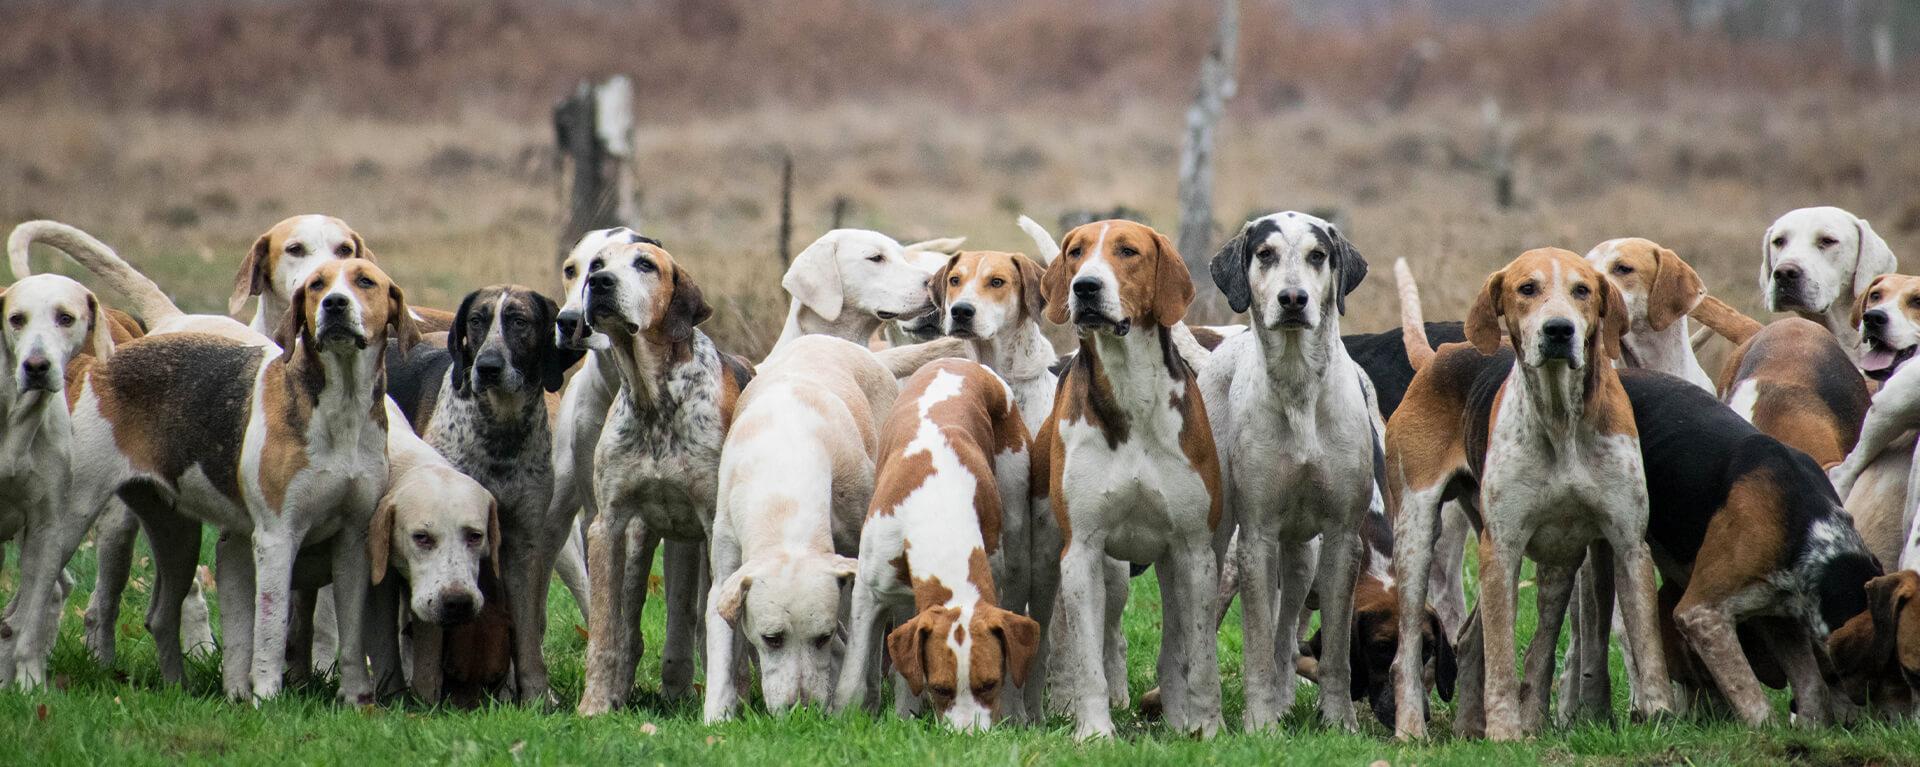 Группа гончих пород: идеальные охотники